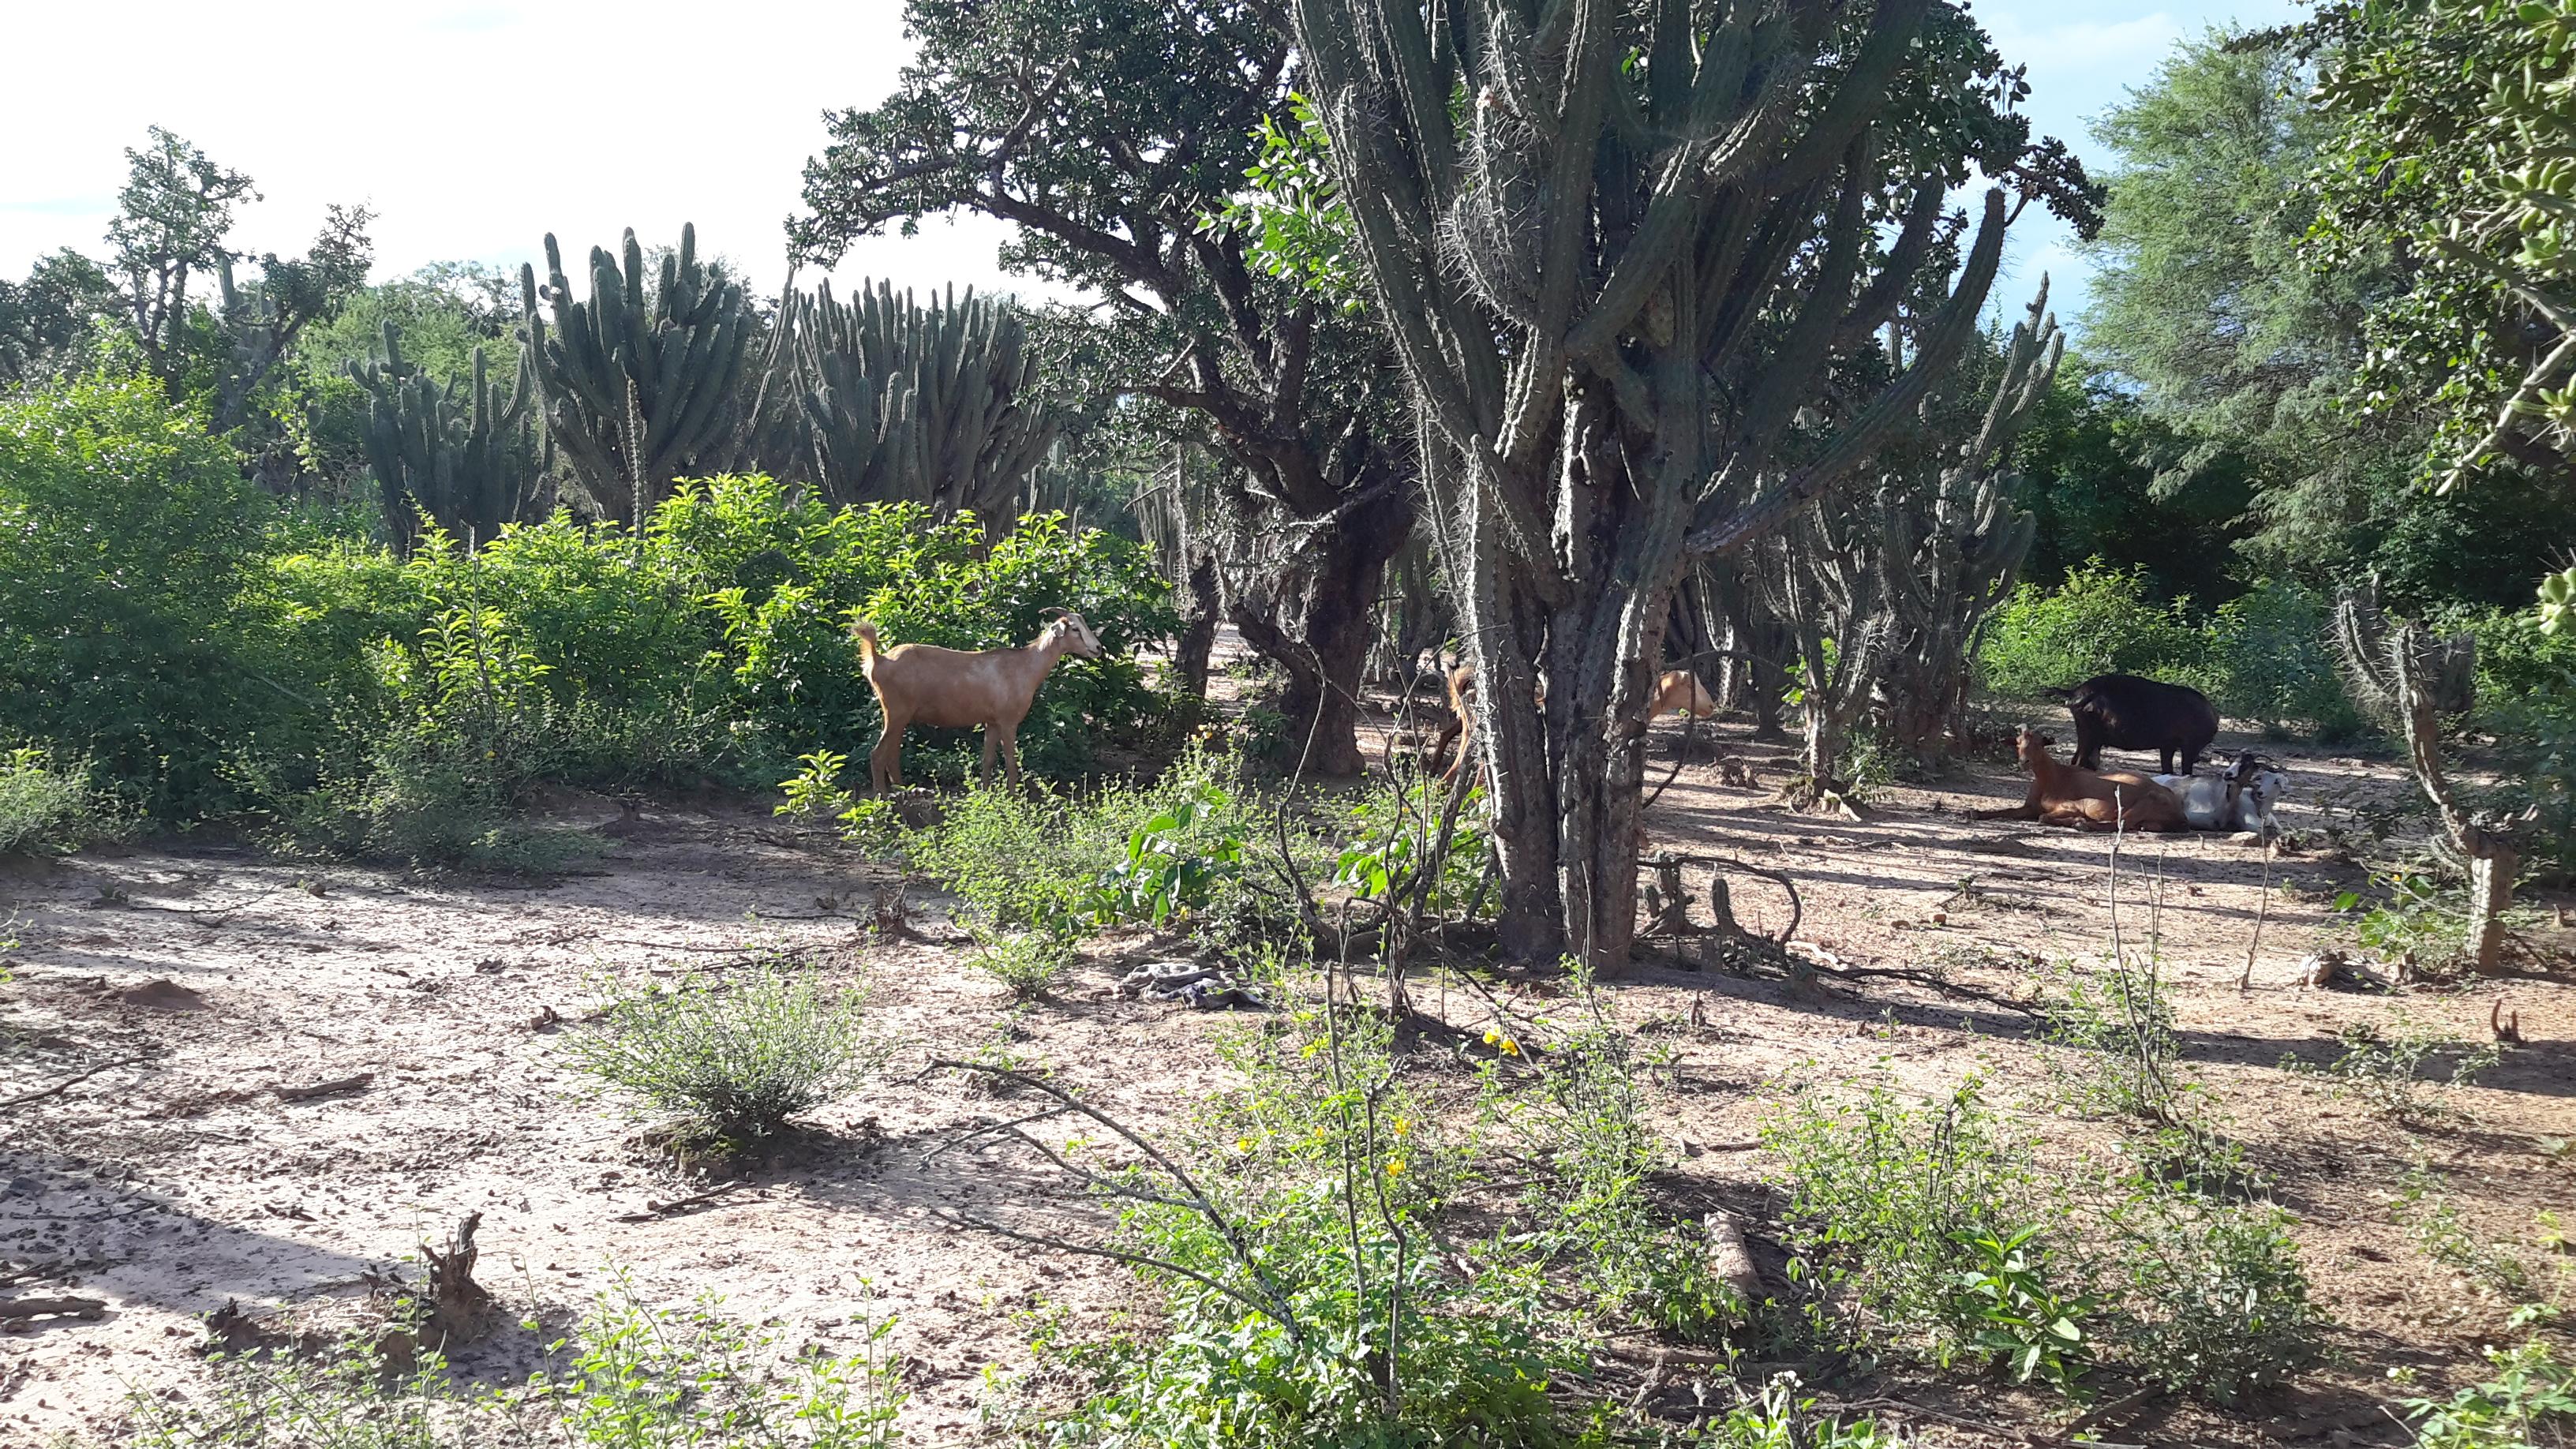 Chaco landscape